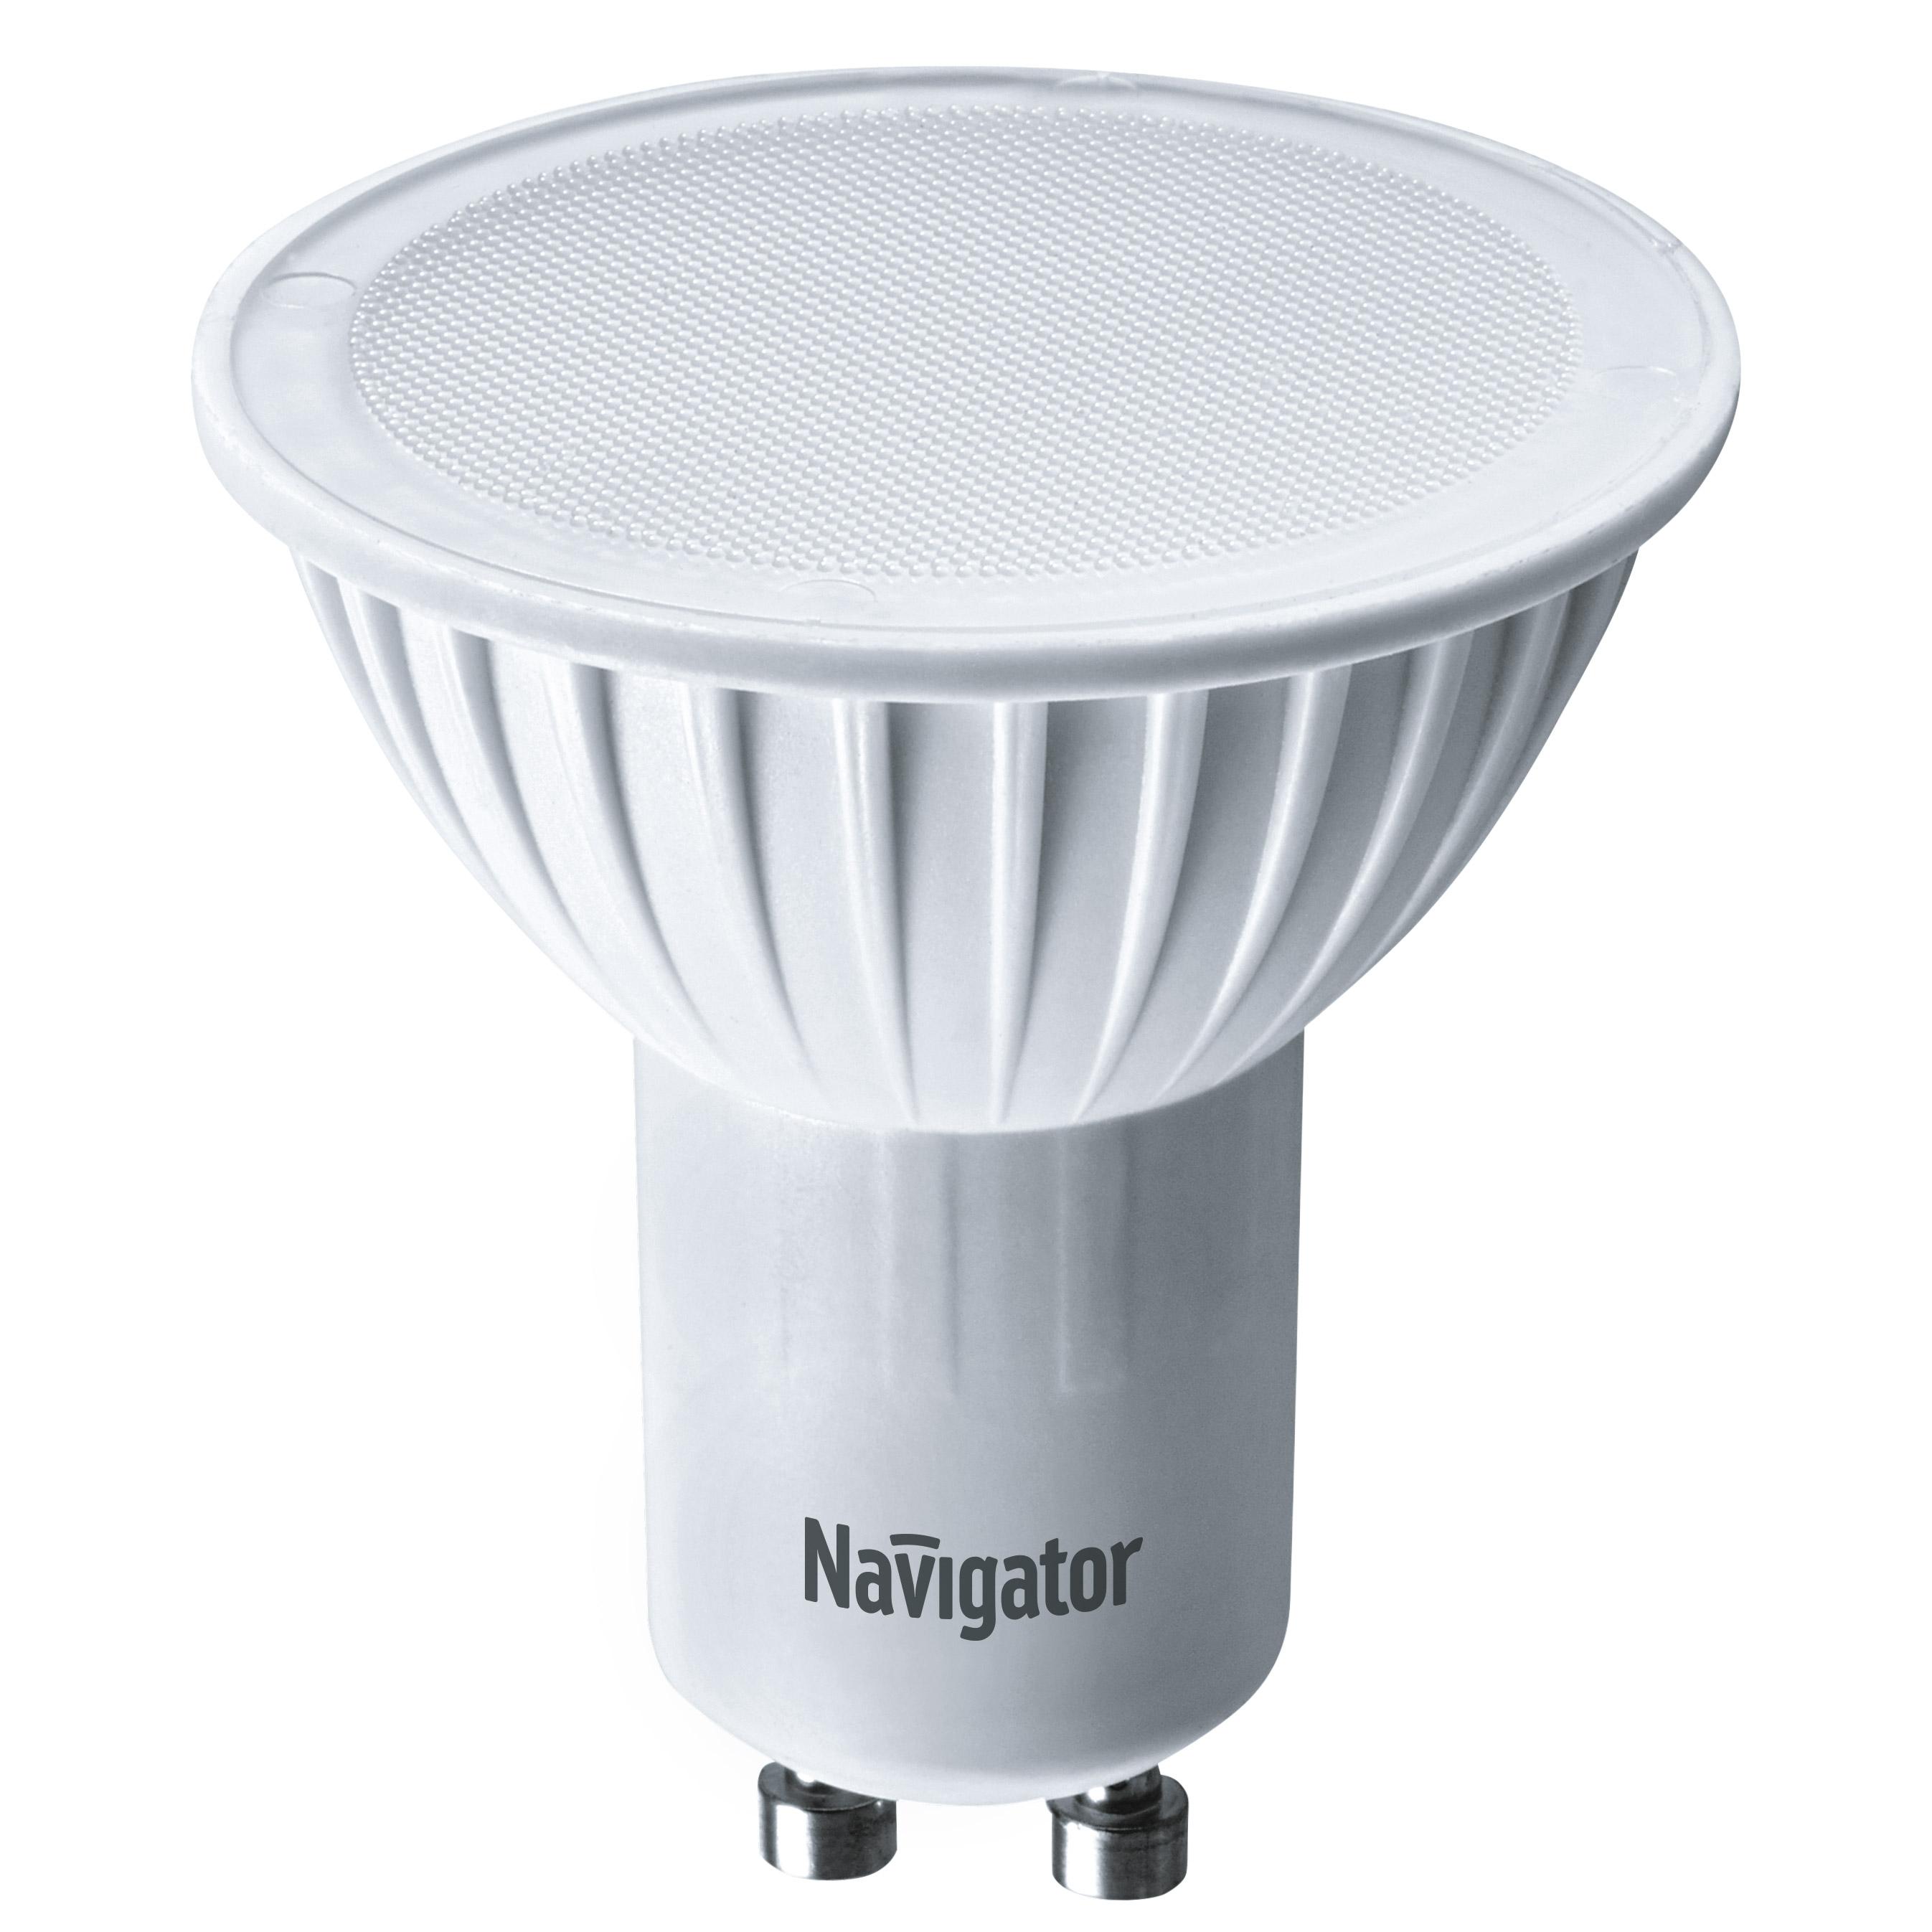 Фото - Лампа светодиодная Navigator PAR16 5Вт цоколь GU10 (холодный свет) лампа люминесцентная navigator t5 6вт цоколь g5 холодный свет